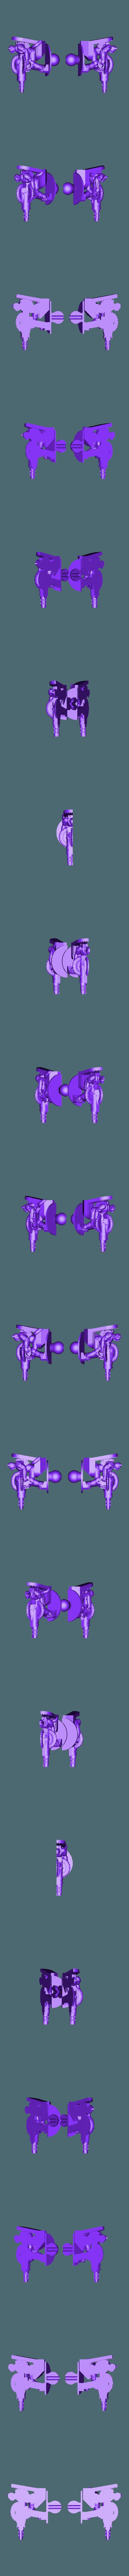 Catillac_Turret_in_Halves.stl Télécharger fichier STL gratuit Laser Catillac sans support • Design imprimable en 3D, mrhers2